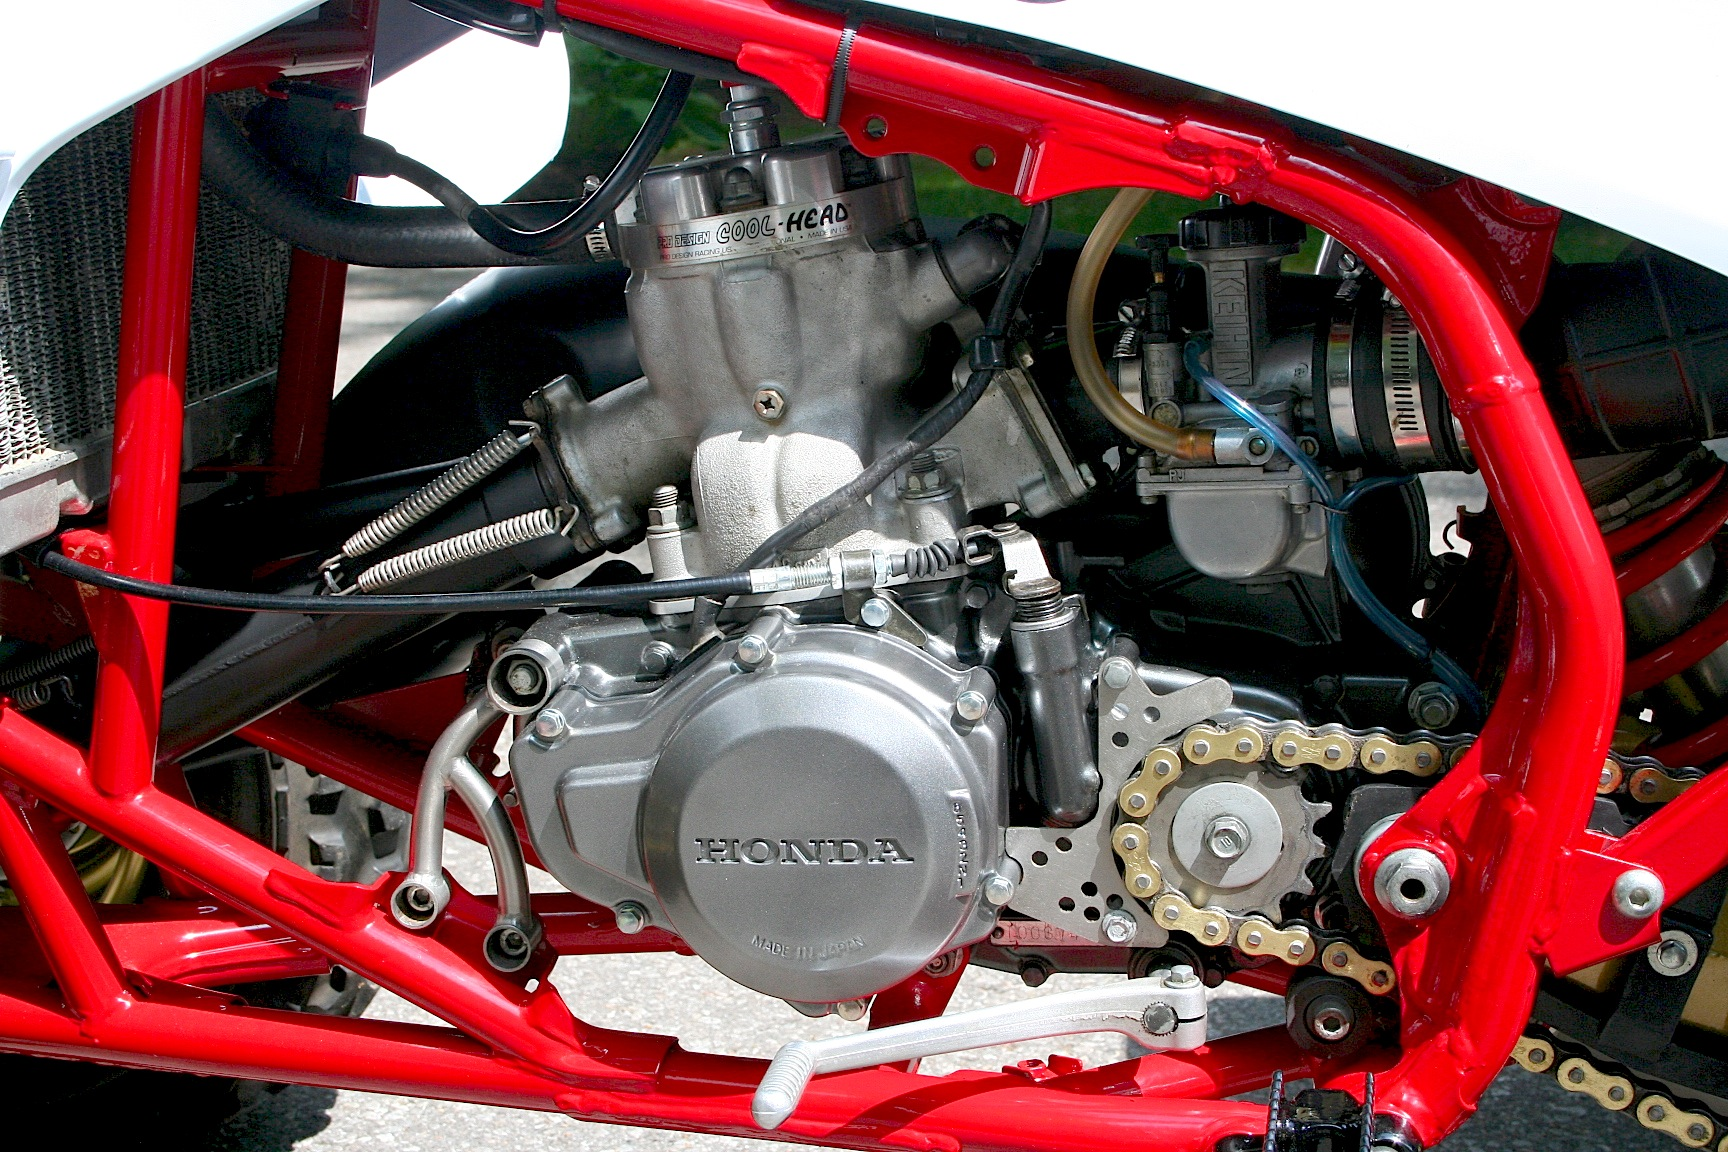 HONDA 250R MOTOR IN 450R FRAME | Dirt Wheels Magazine